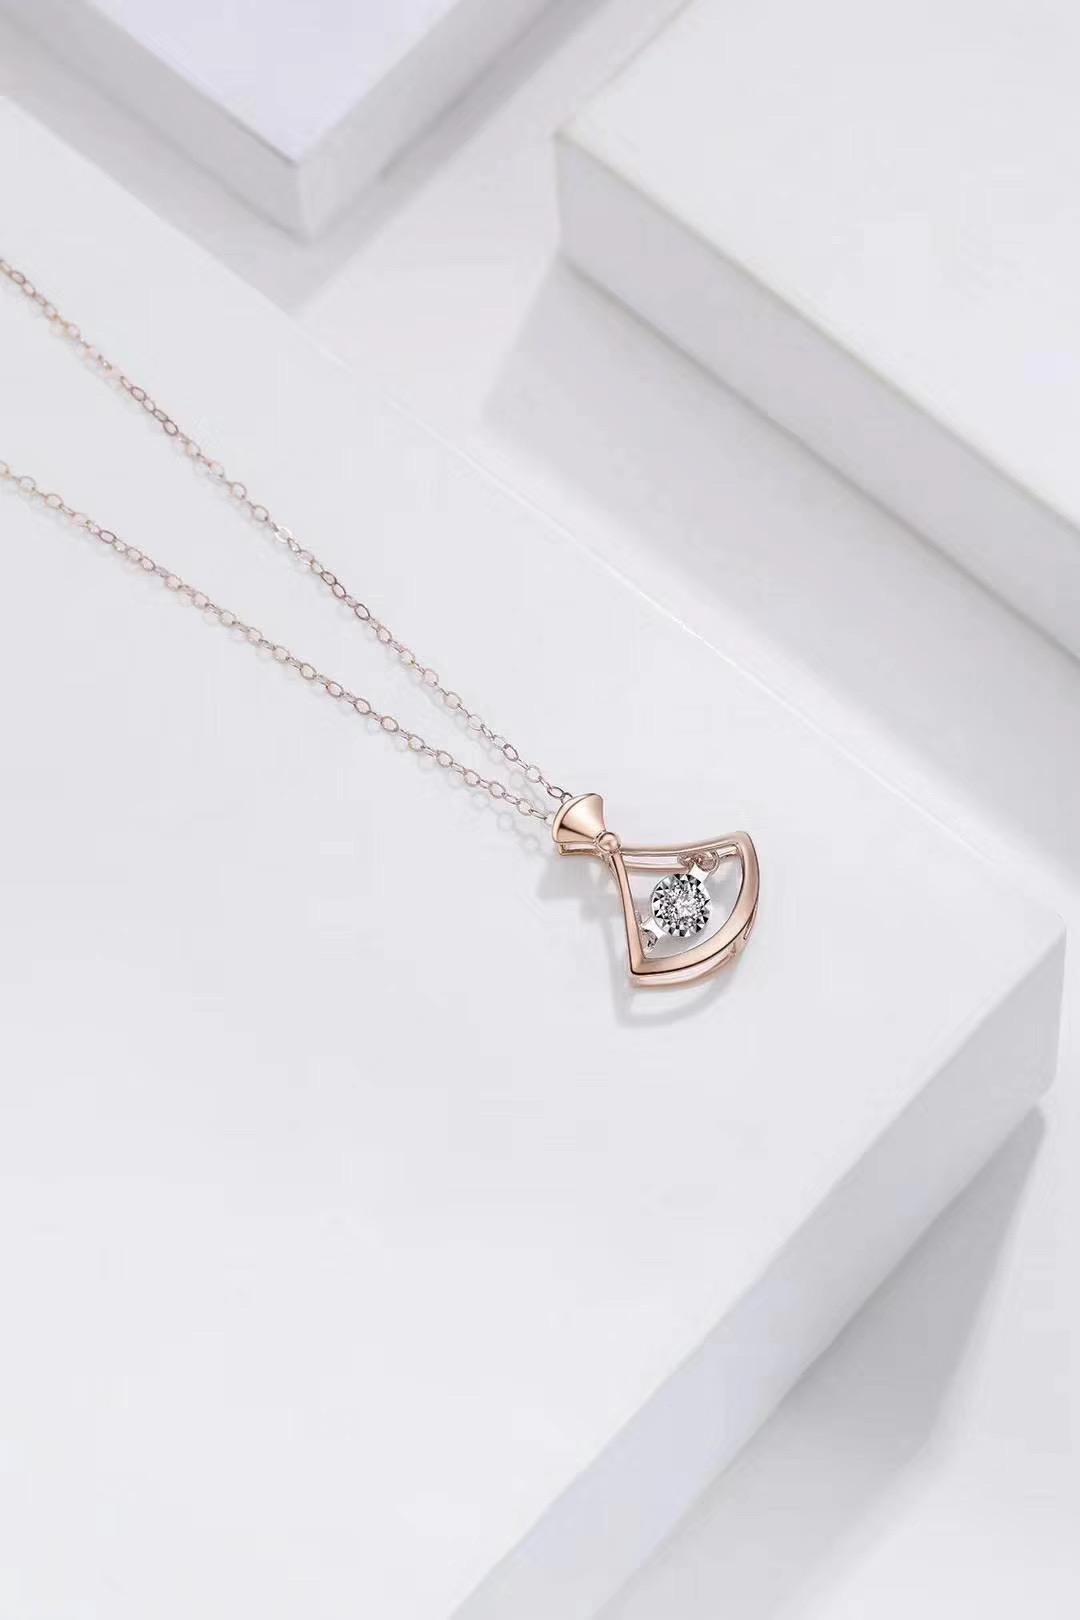 法时珠宝 钻石吊坠18K玫瑰金彩金项链吊坠锁骨链灵动闪耀简约